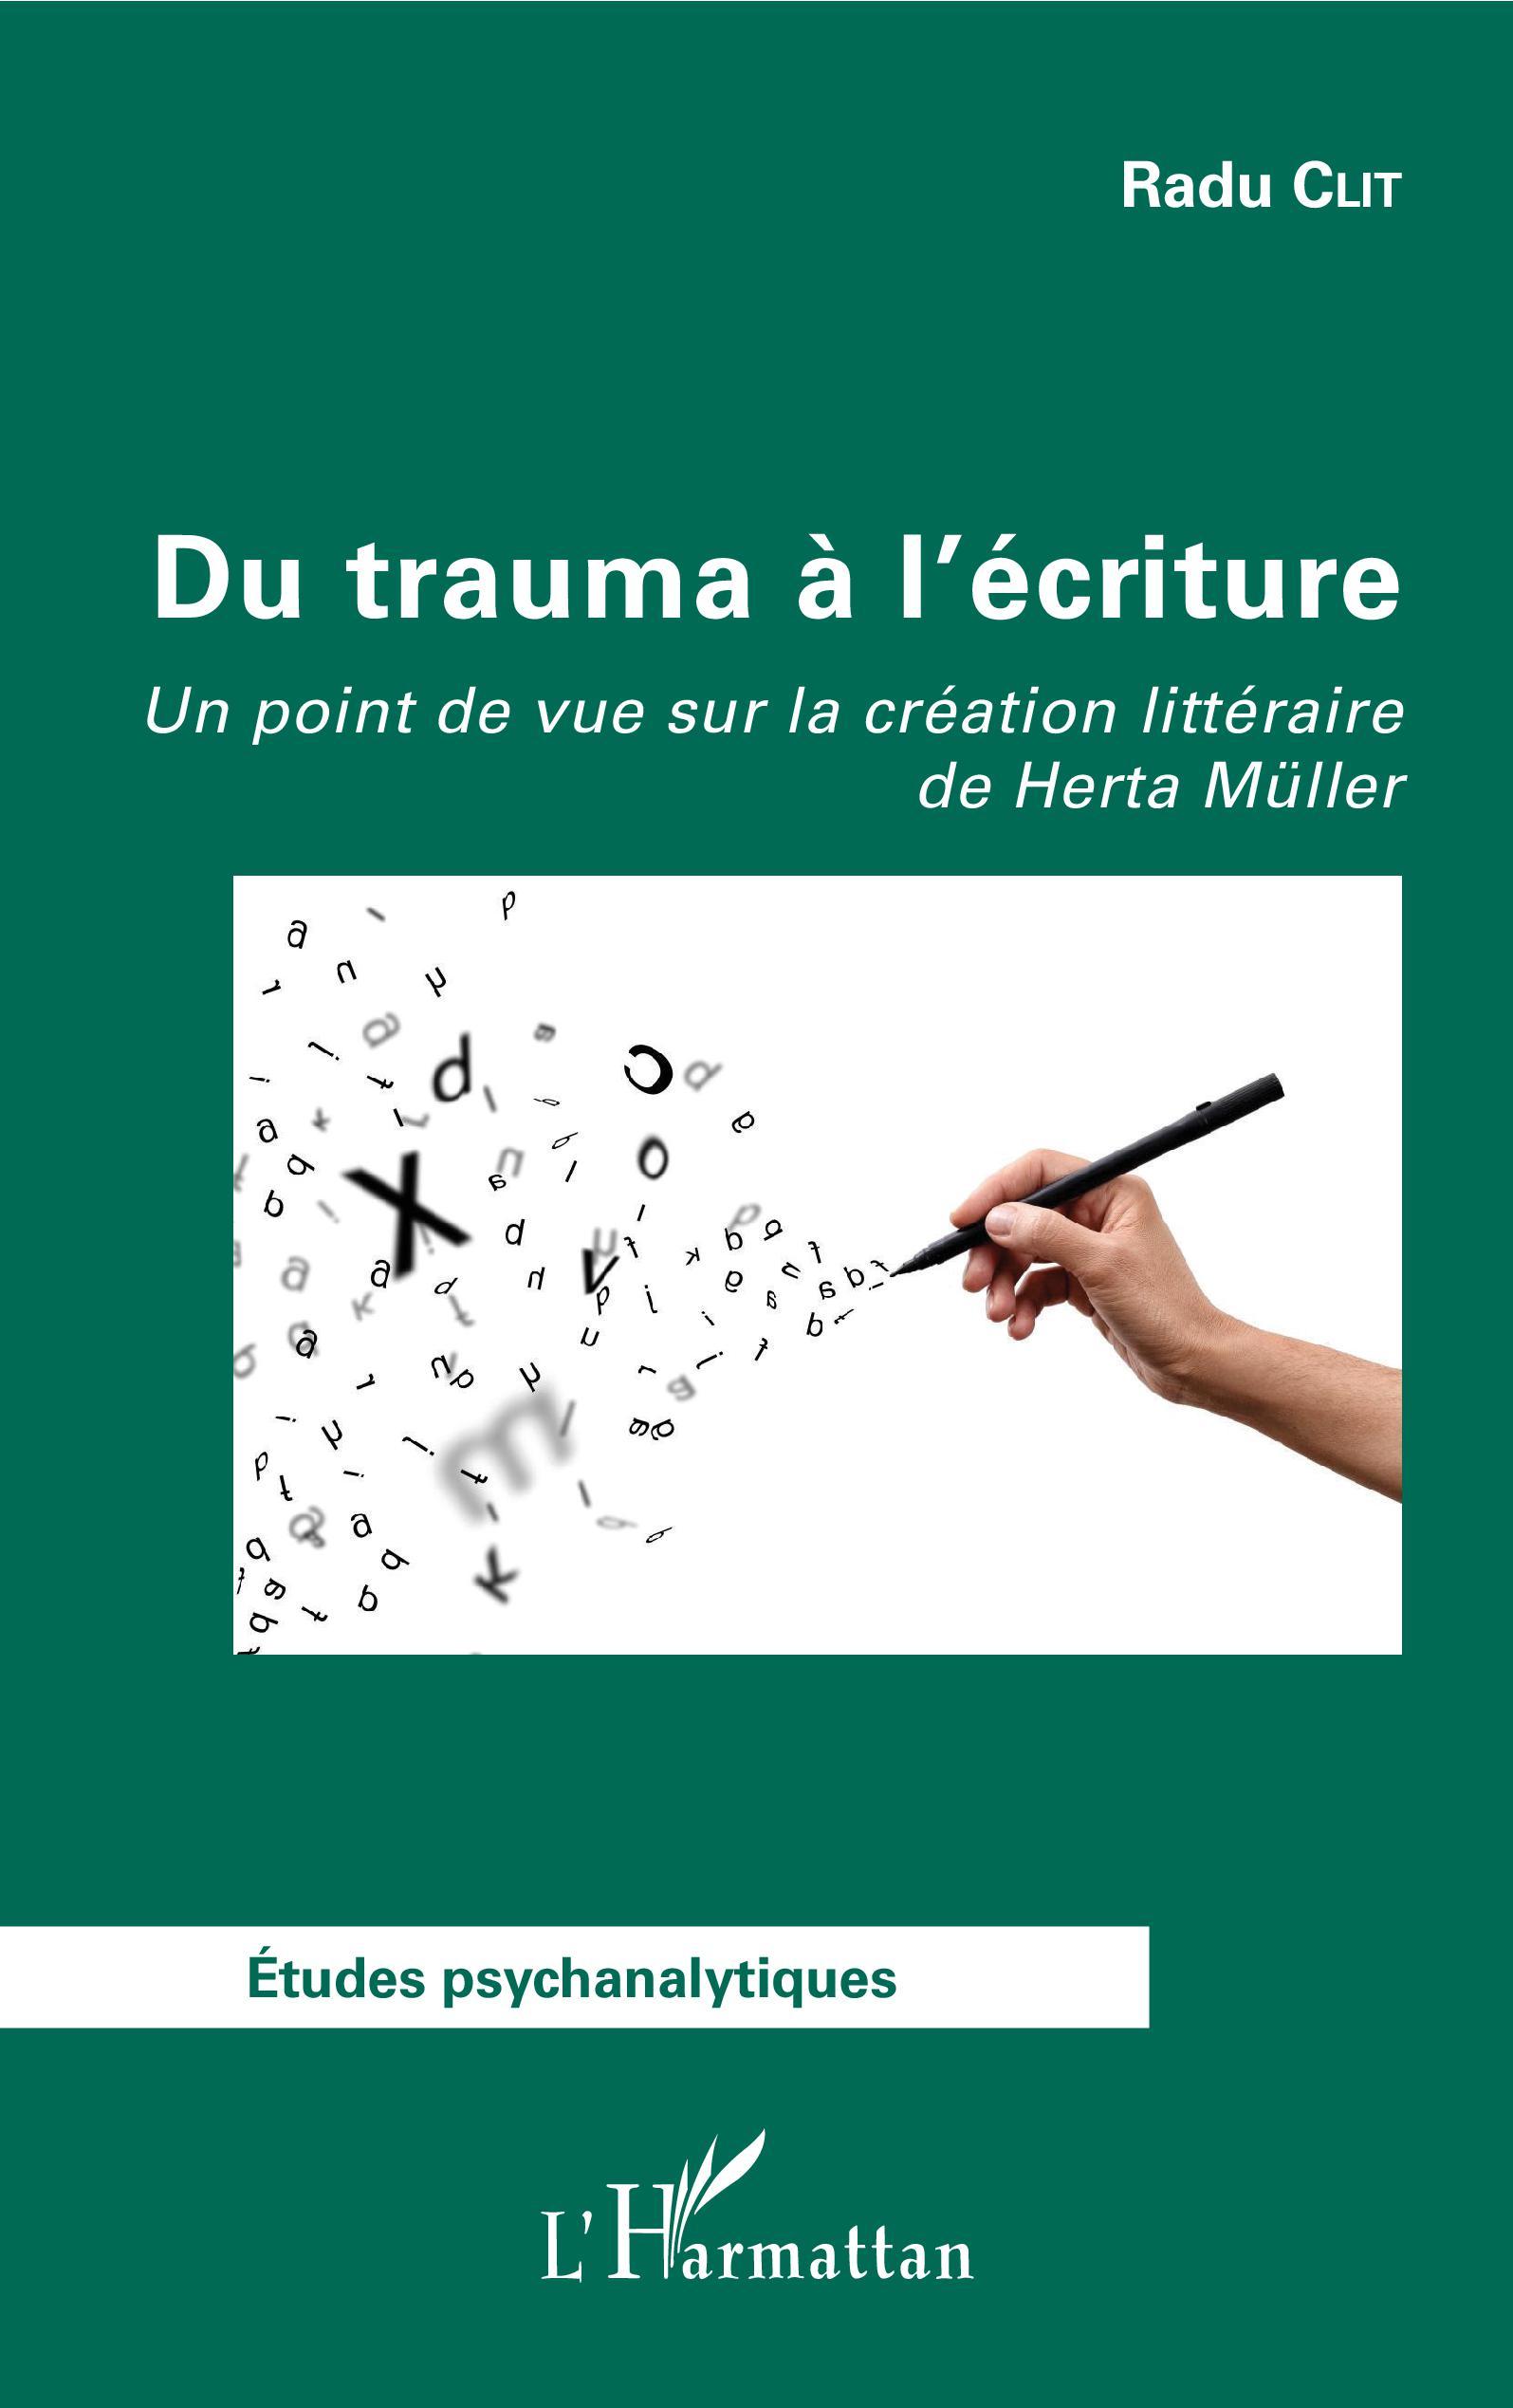 R. Clit, Du trauma à l'écriture - Un point de vue sur la création littéraire de Herta Müller